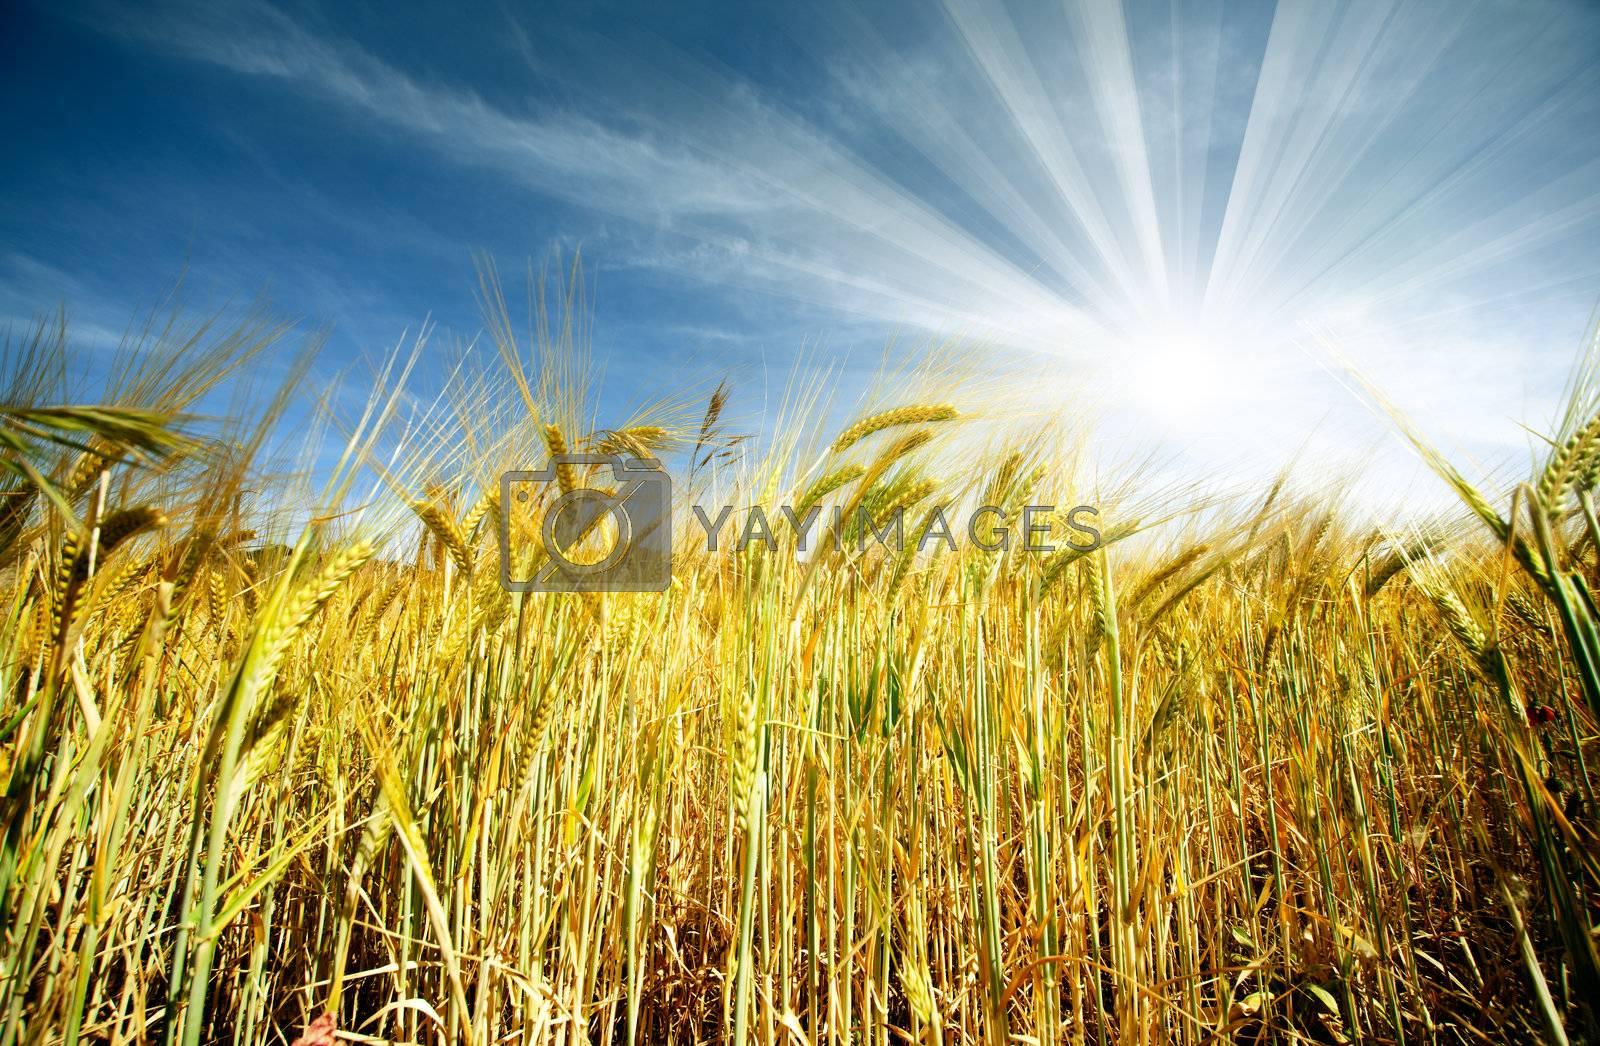 Idyllic wheat field and sunshine